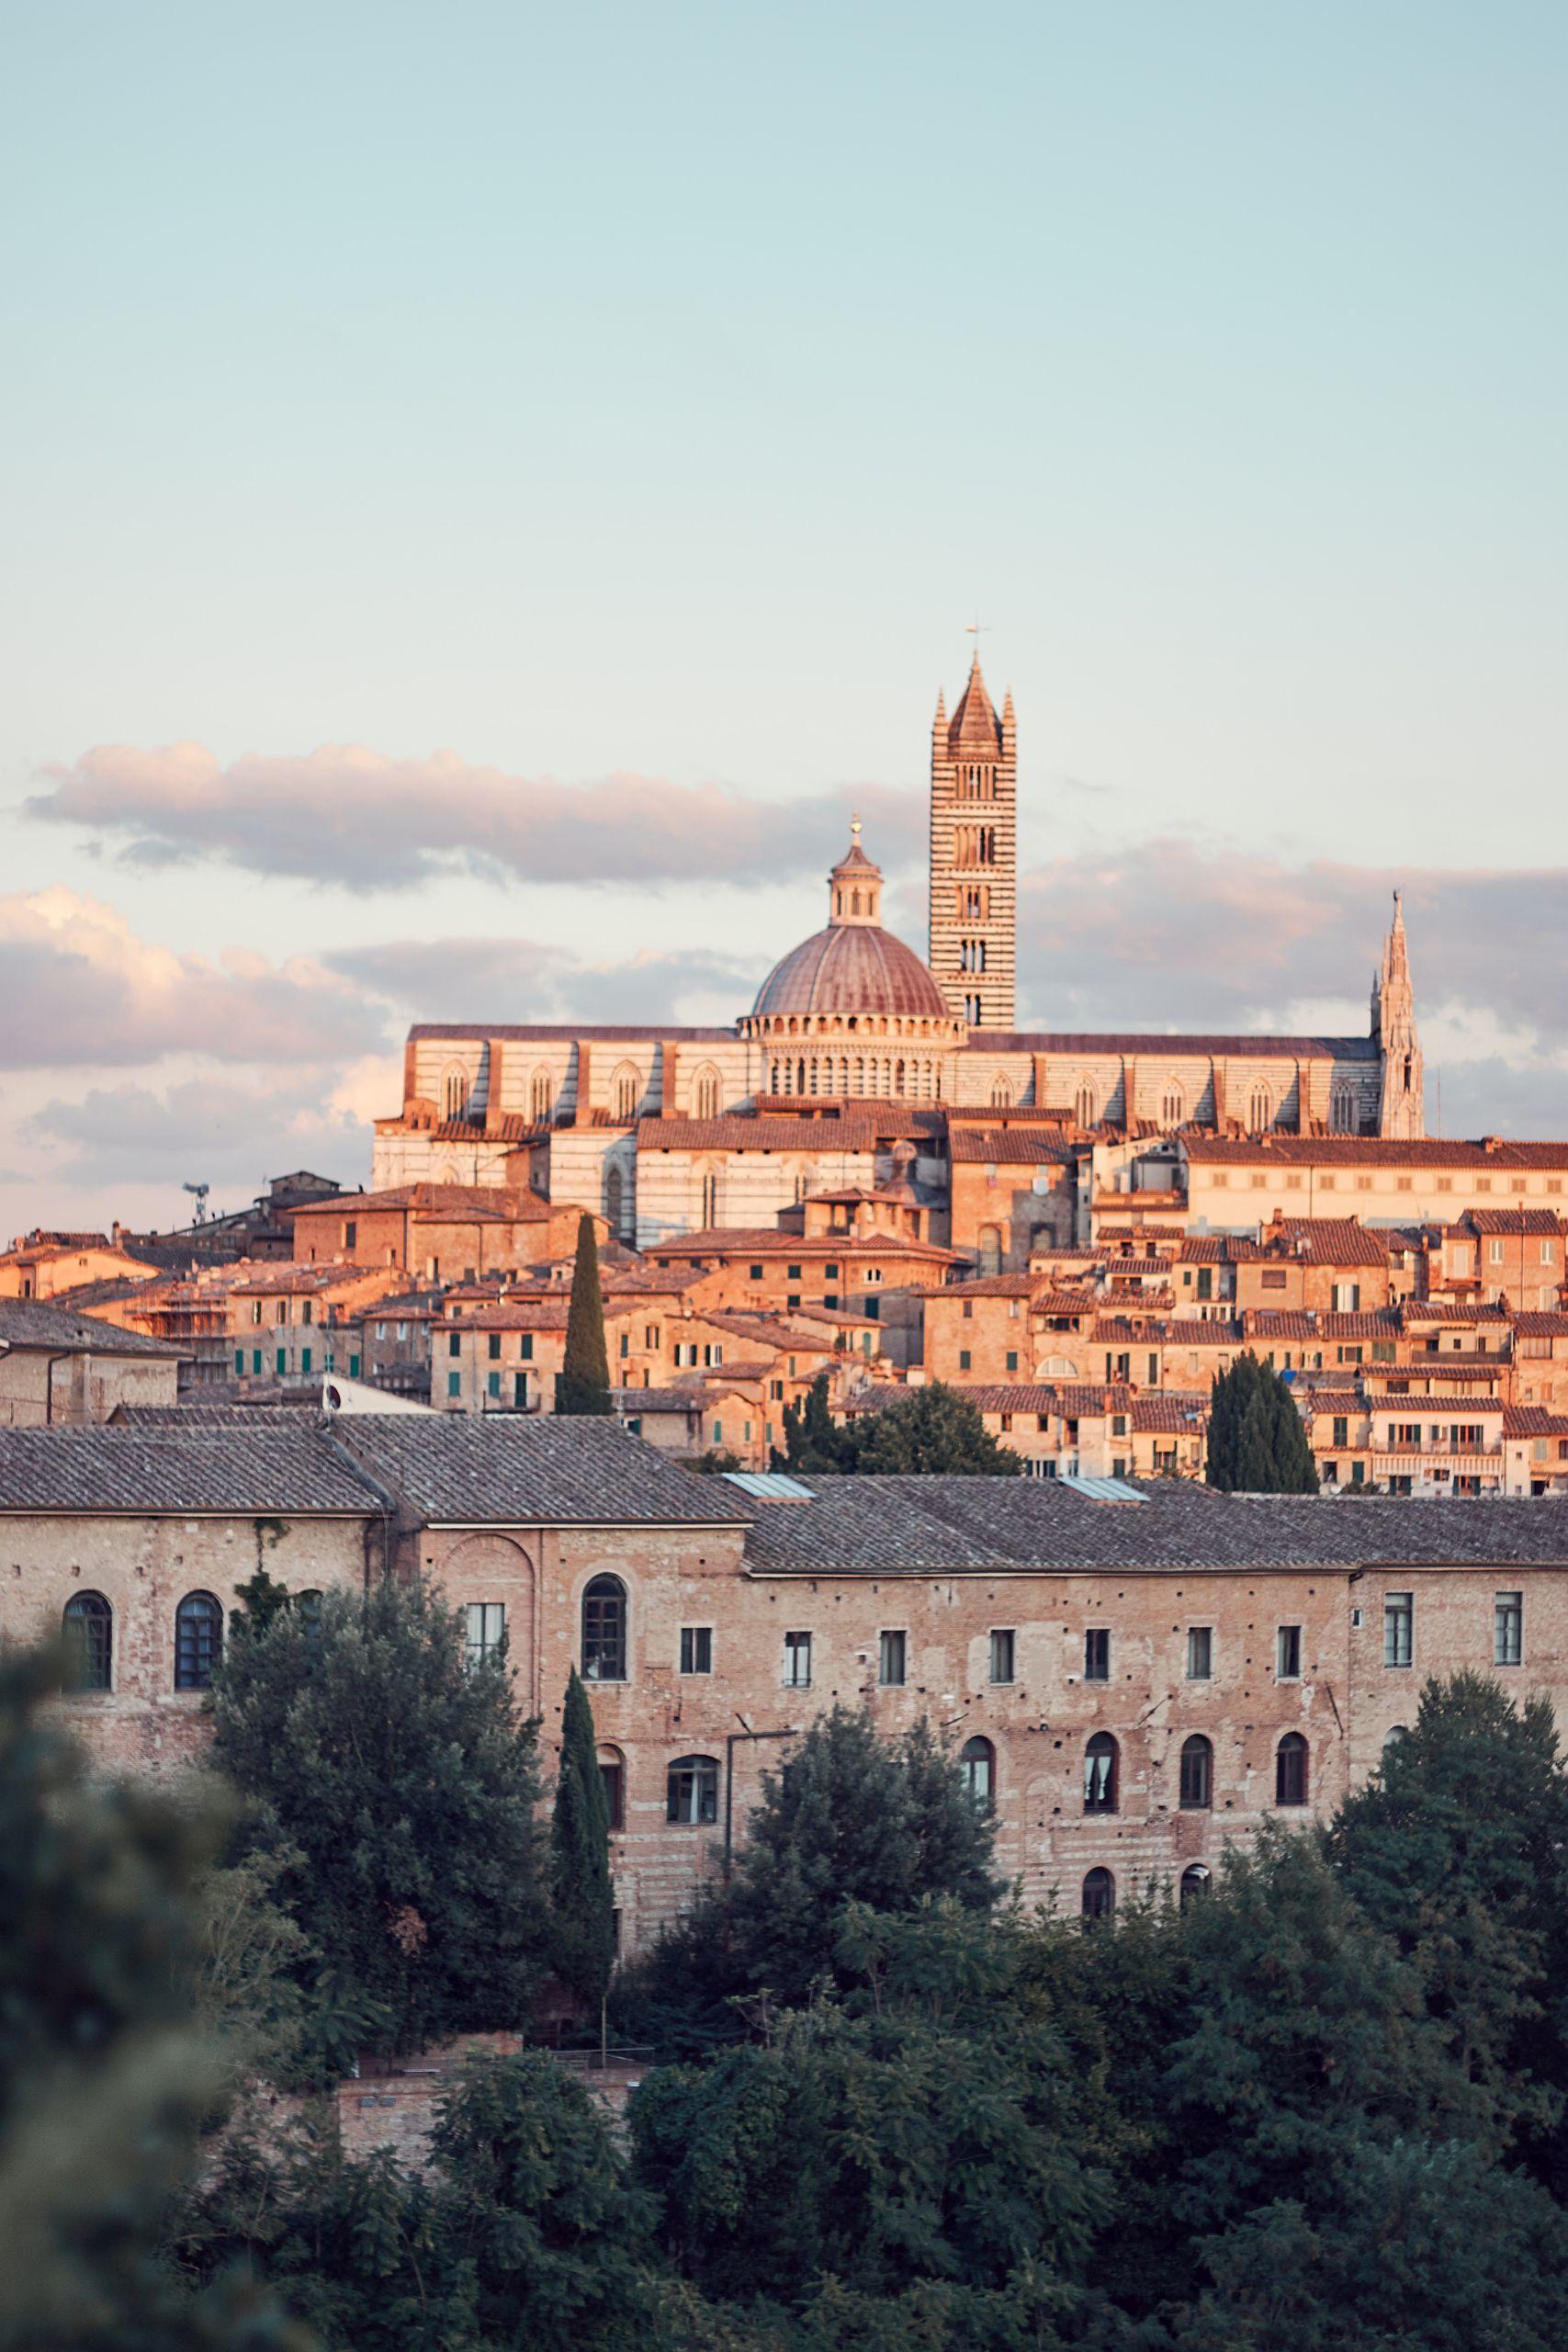 Torre del Mangia auf der PBlick auf den Dom von Siena als Stopp vom Toskana Roadtrip